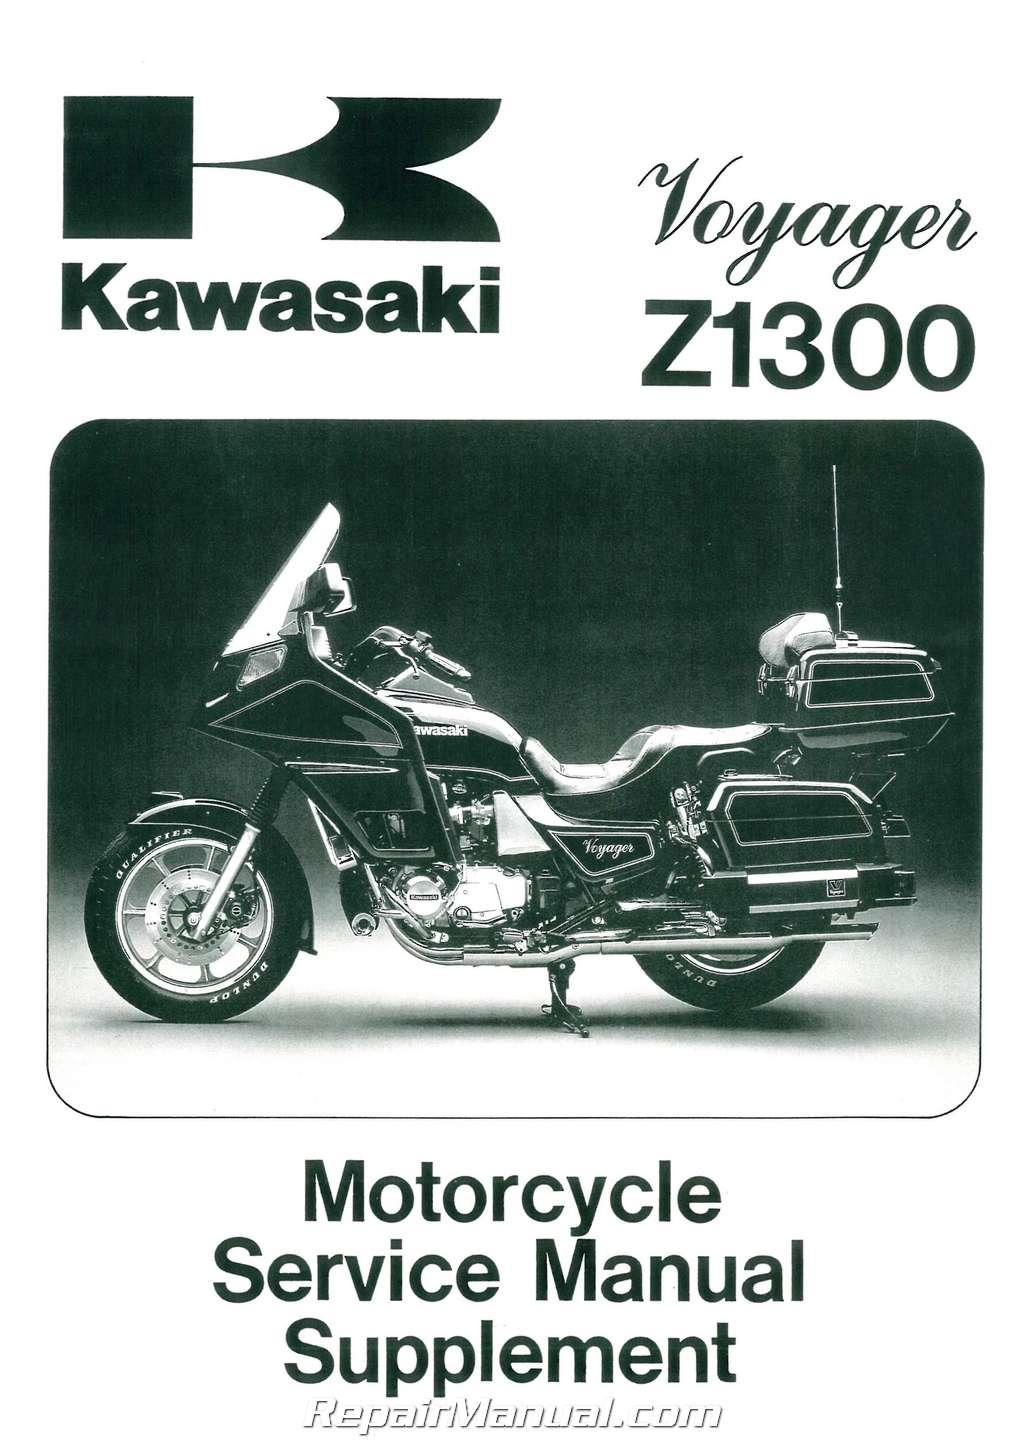 1983 1989 kawasaki voyager zn1300 motorcycle service manual supplement